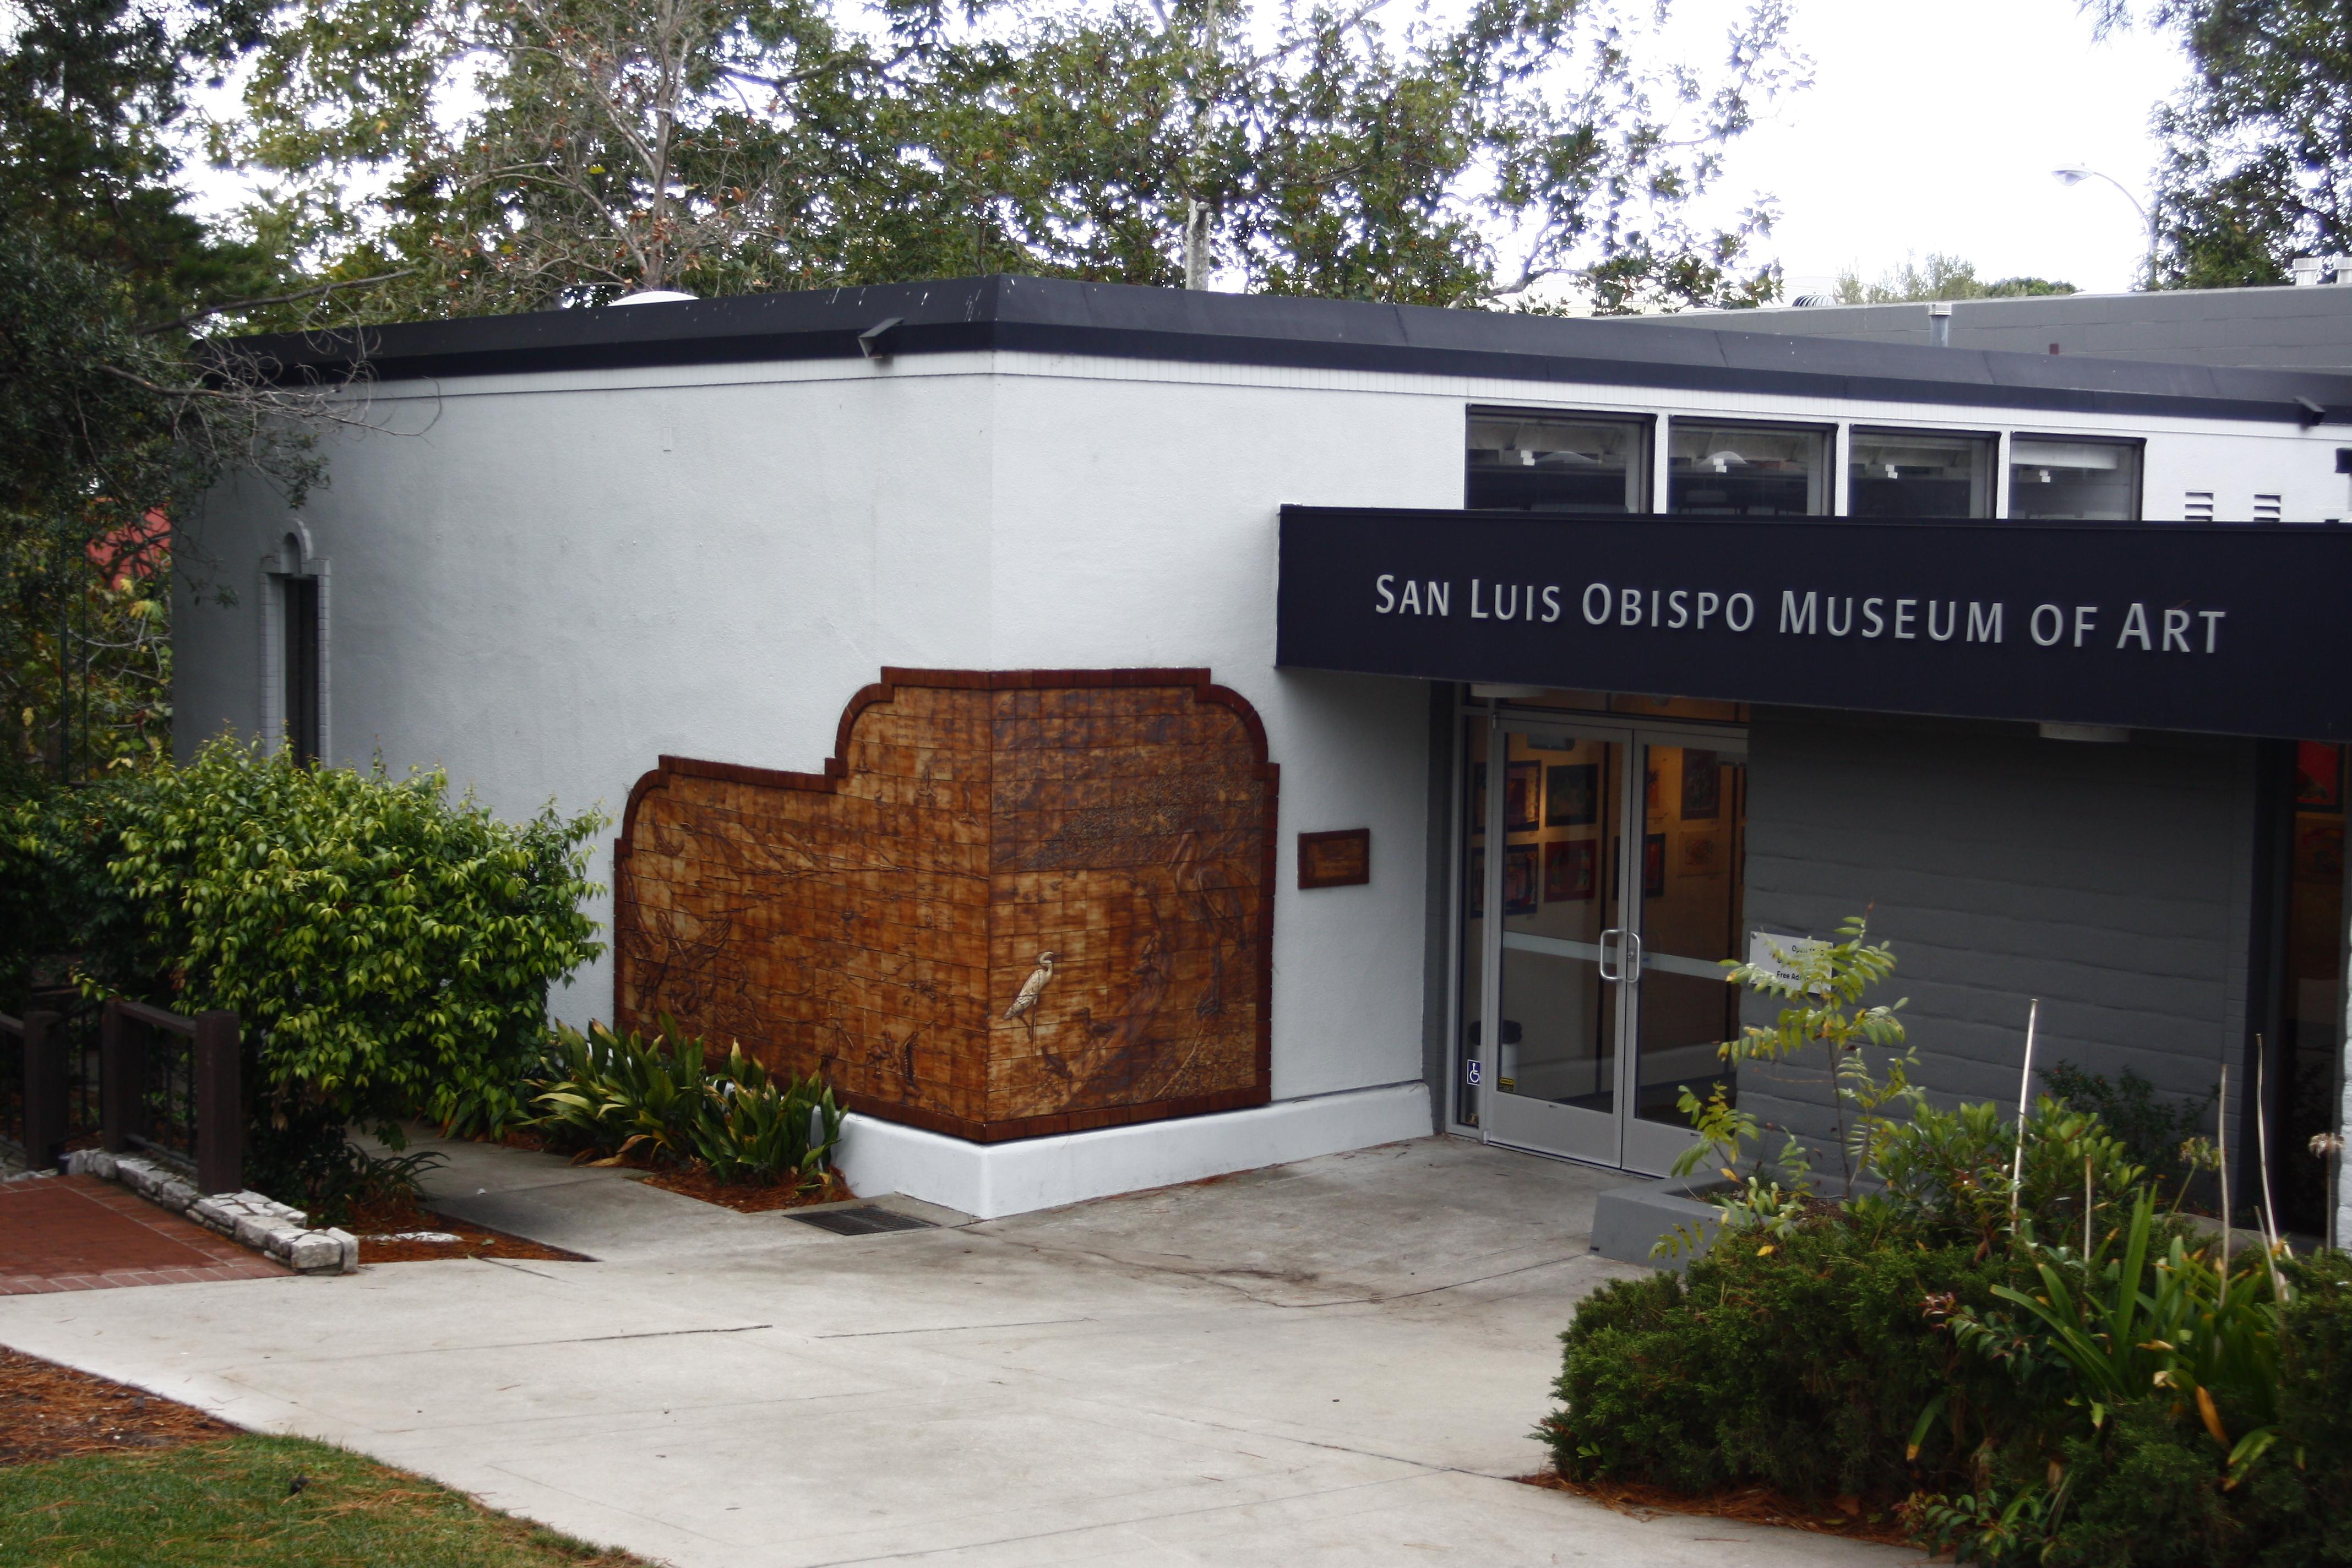 أوبيسبو سان لويس للفنون - أجمل المعالم السياحية في أوبيسبو